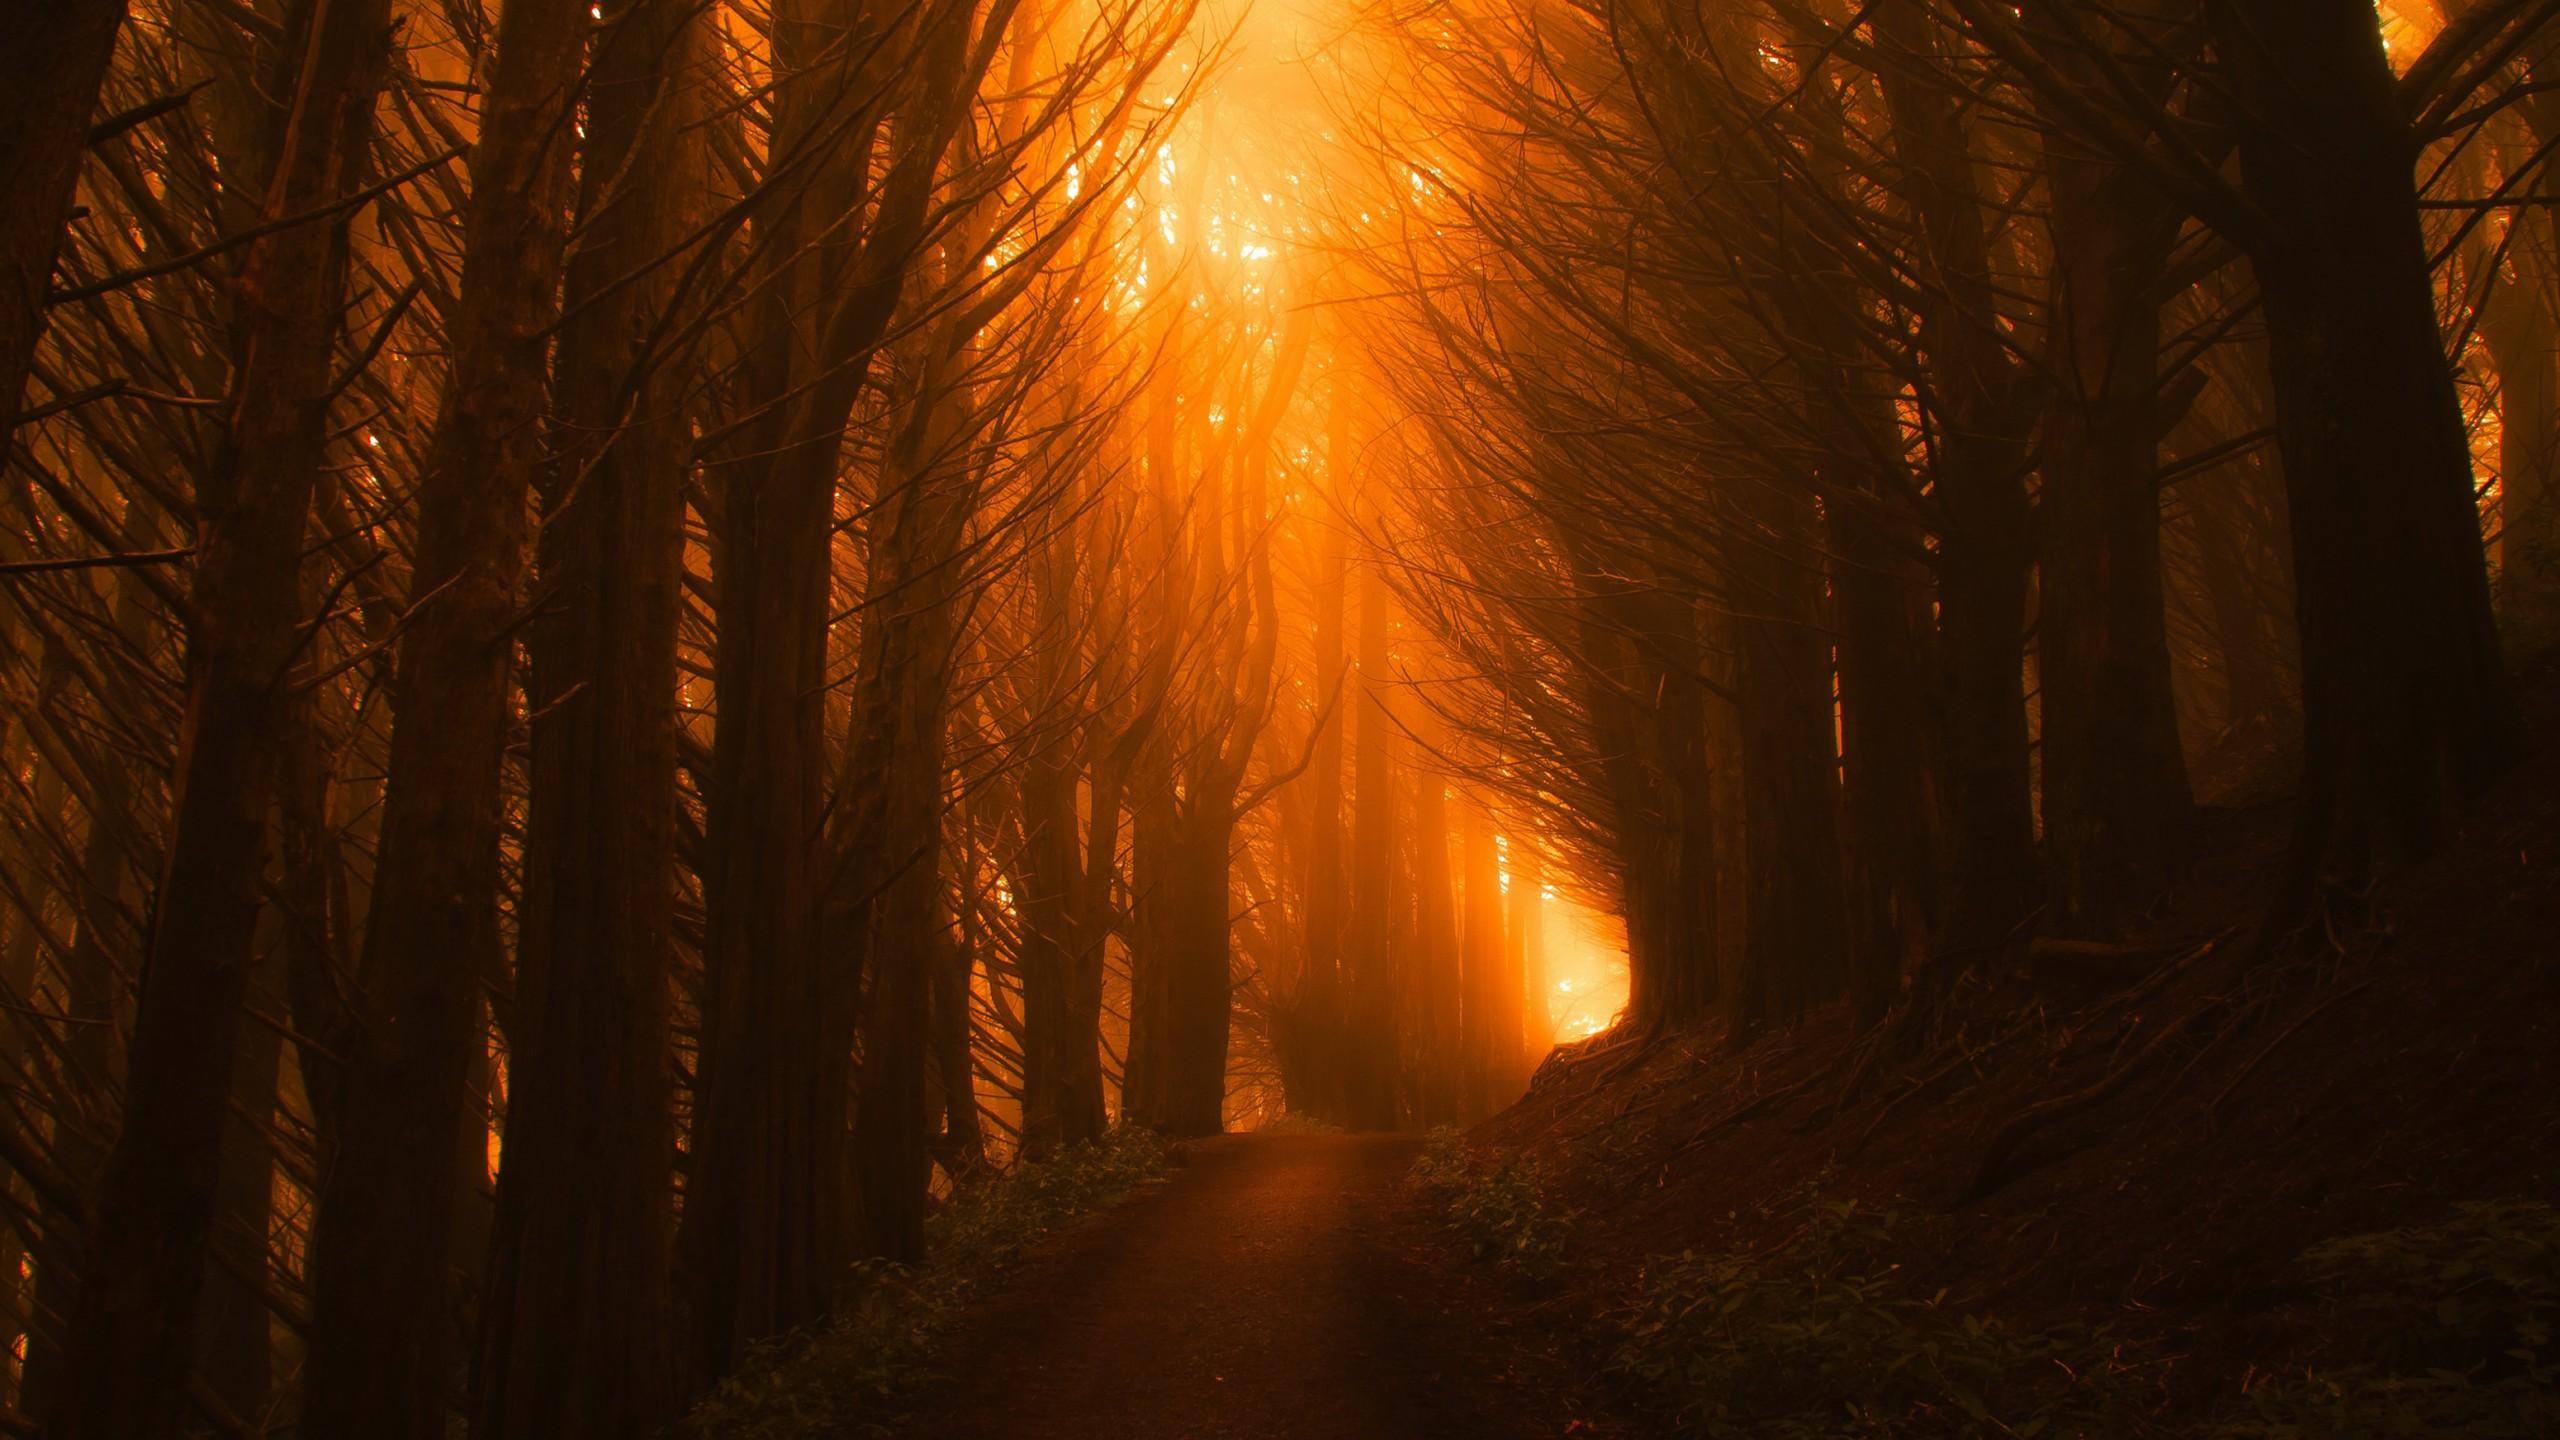 Wallpaper Trees Light Orange Forest Sunset 4k Nature